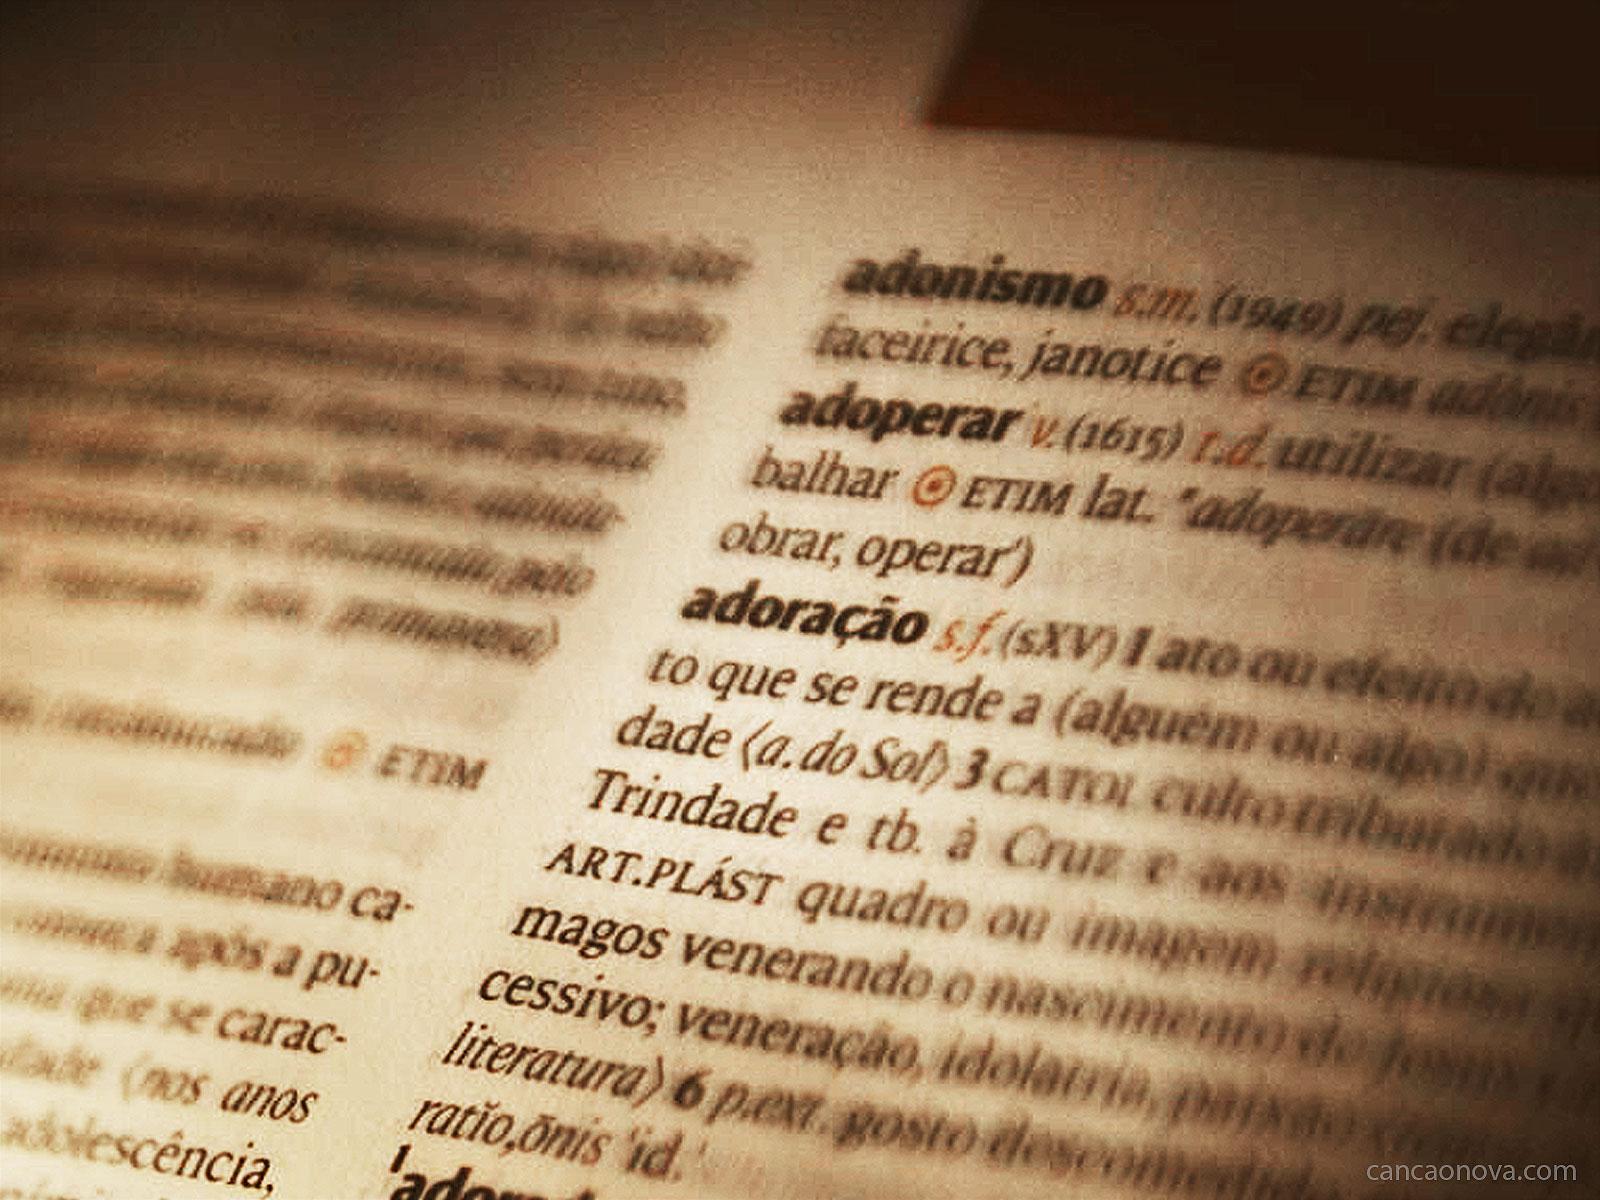 Aprofunde-se-no-conhecimento-da-palavra-Adoração-